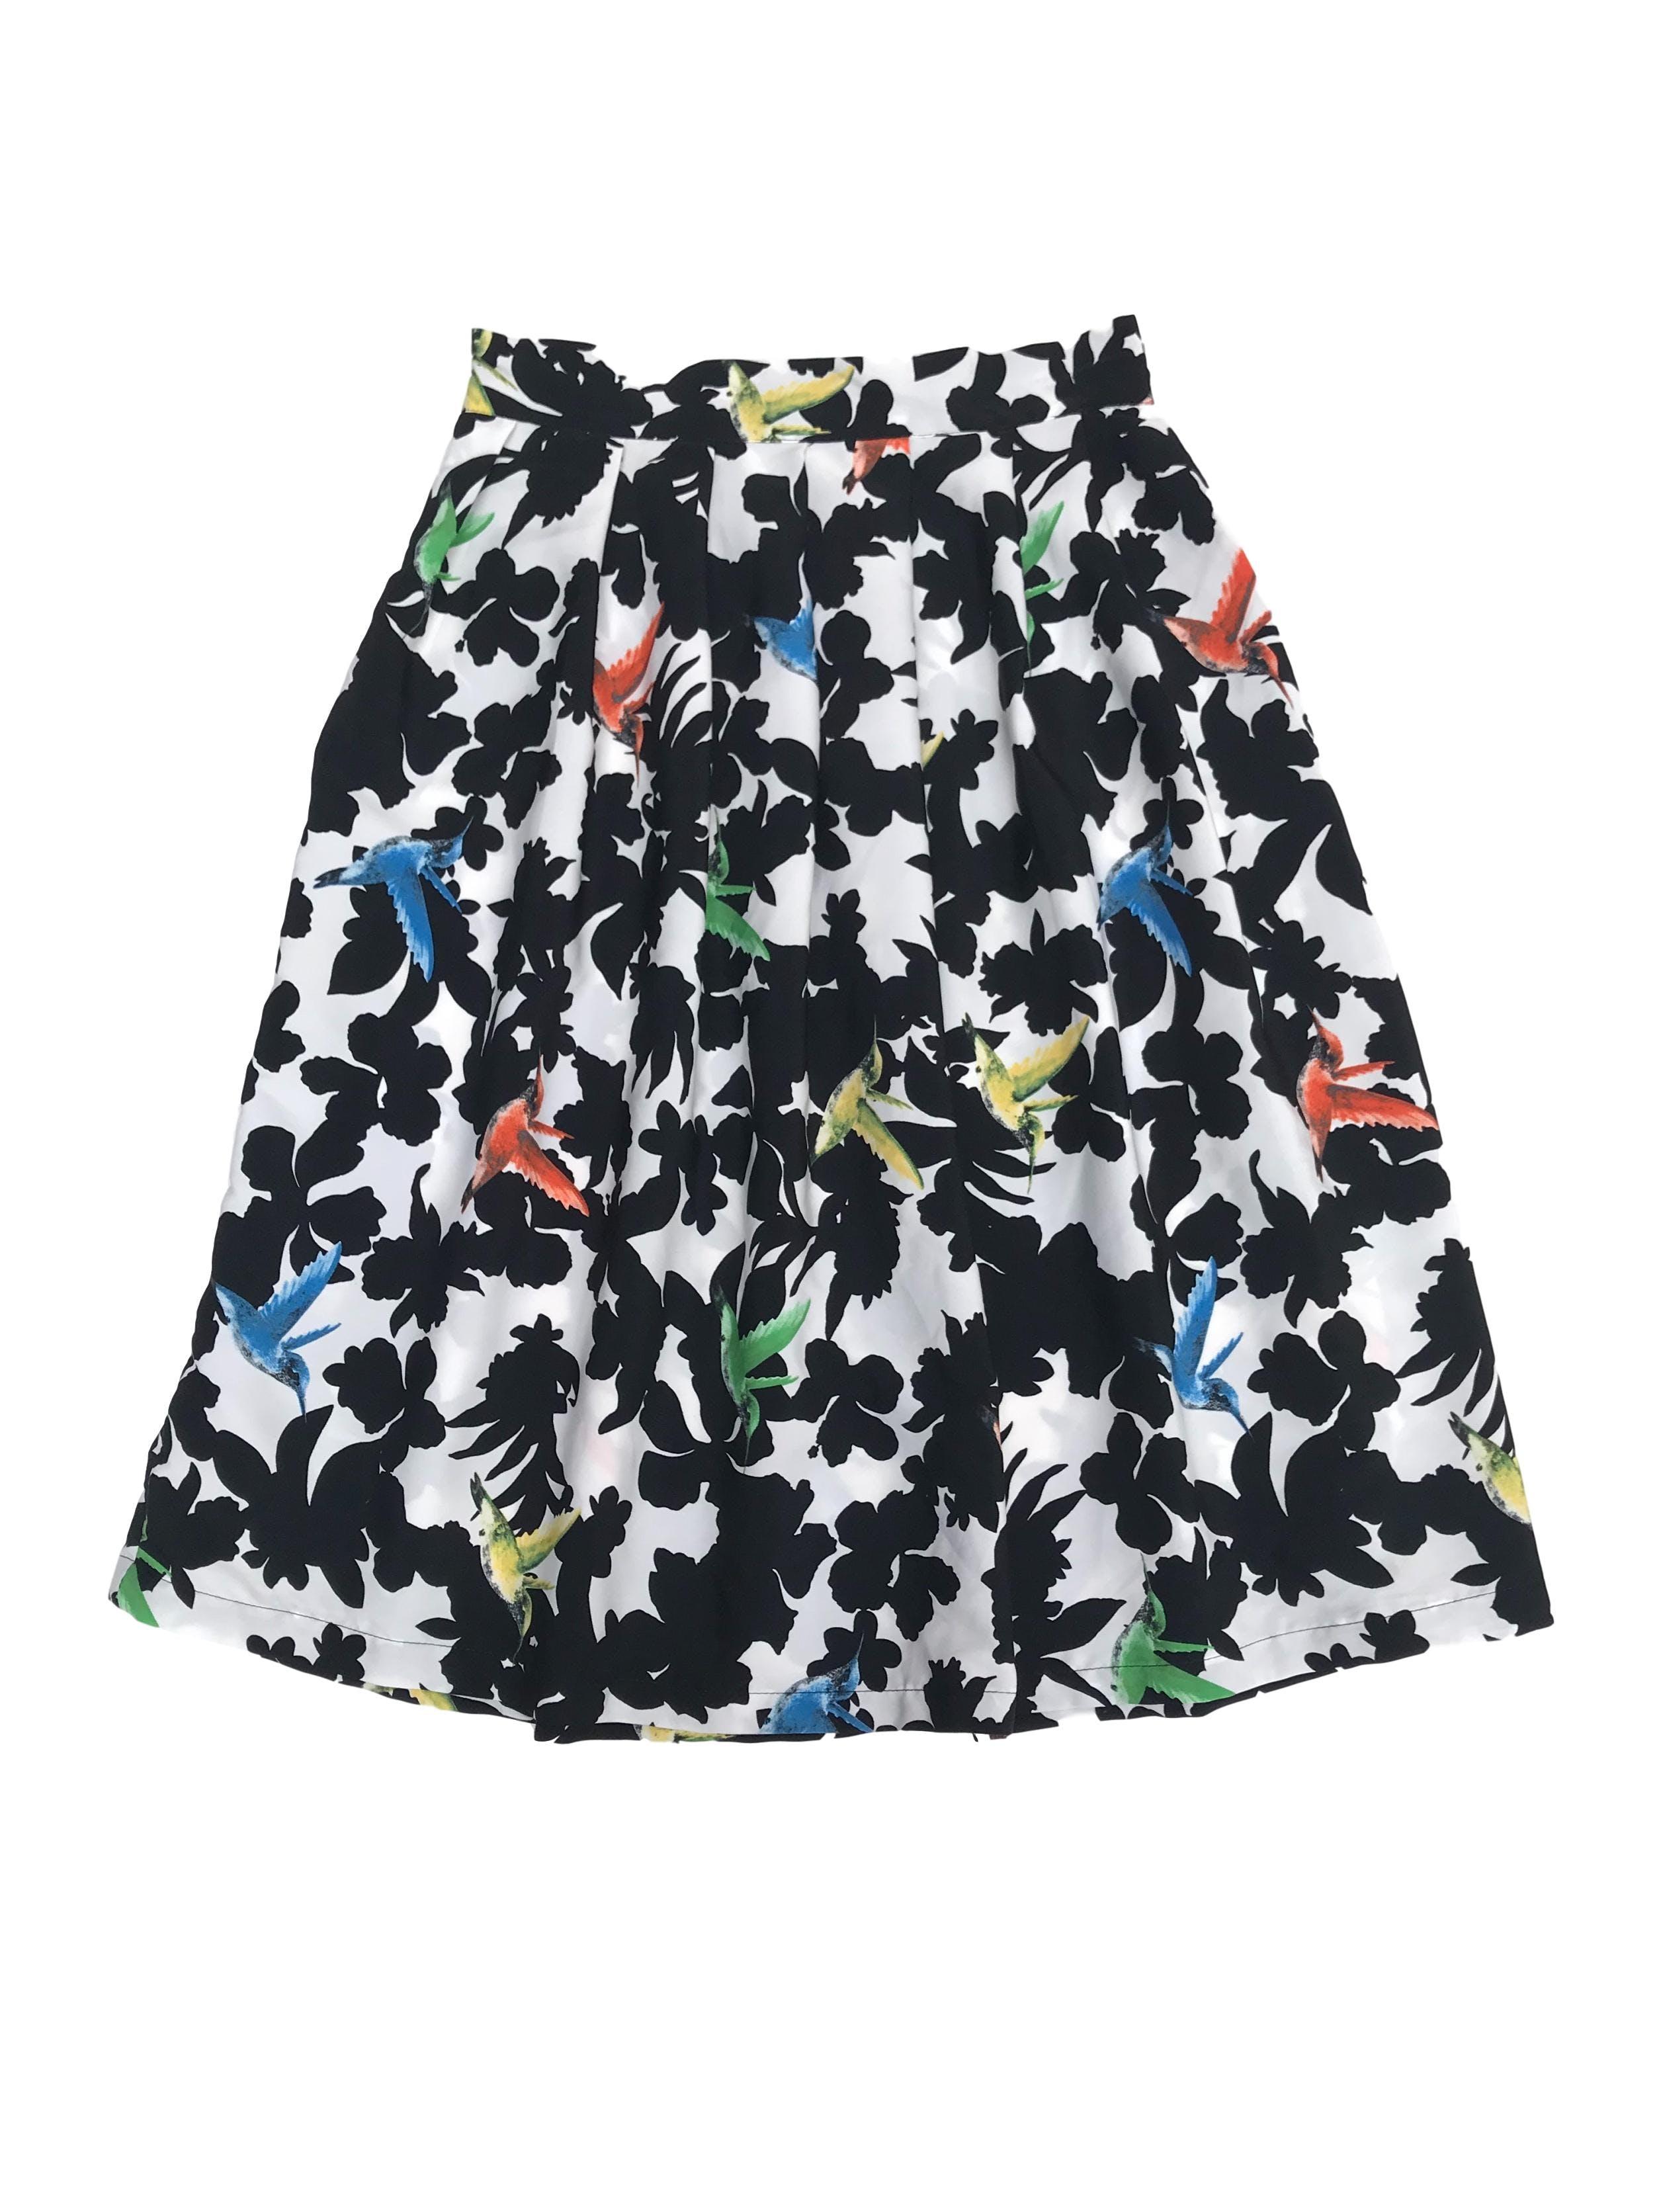 Falda vintage blanca con estampado de flores negras y aves multicolores, lleva cierre lateral. Cintura 73cm Largo 68cm